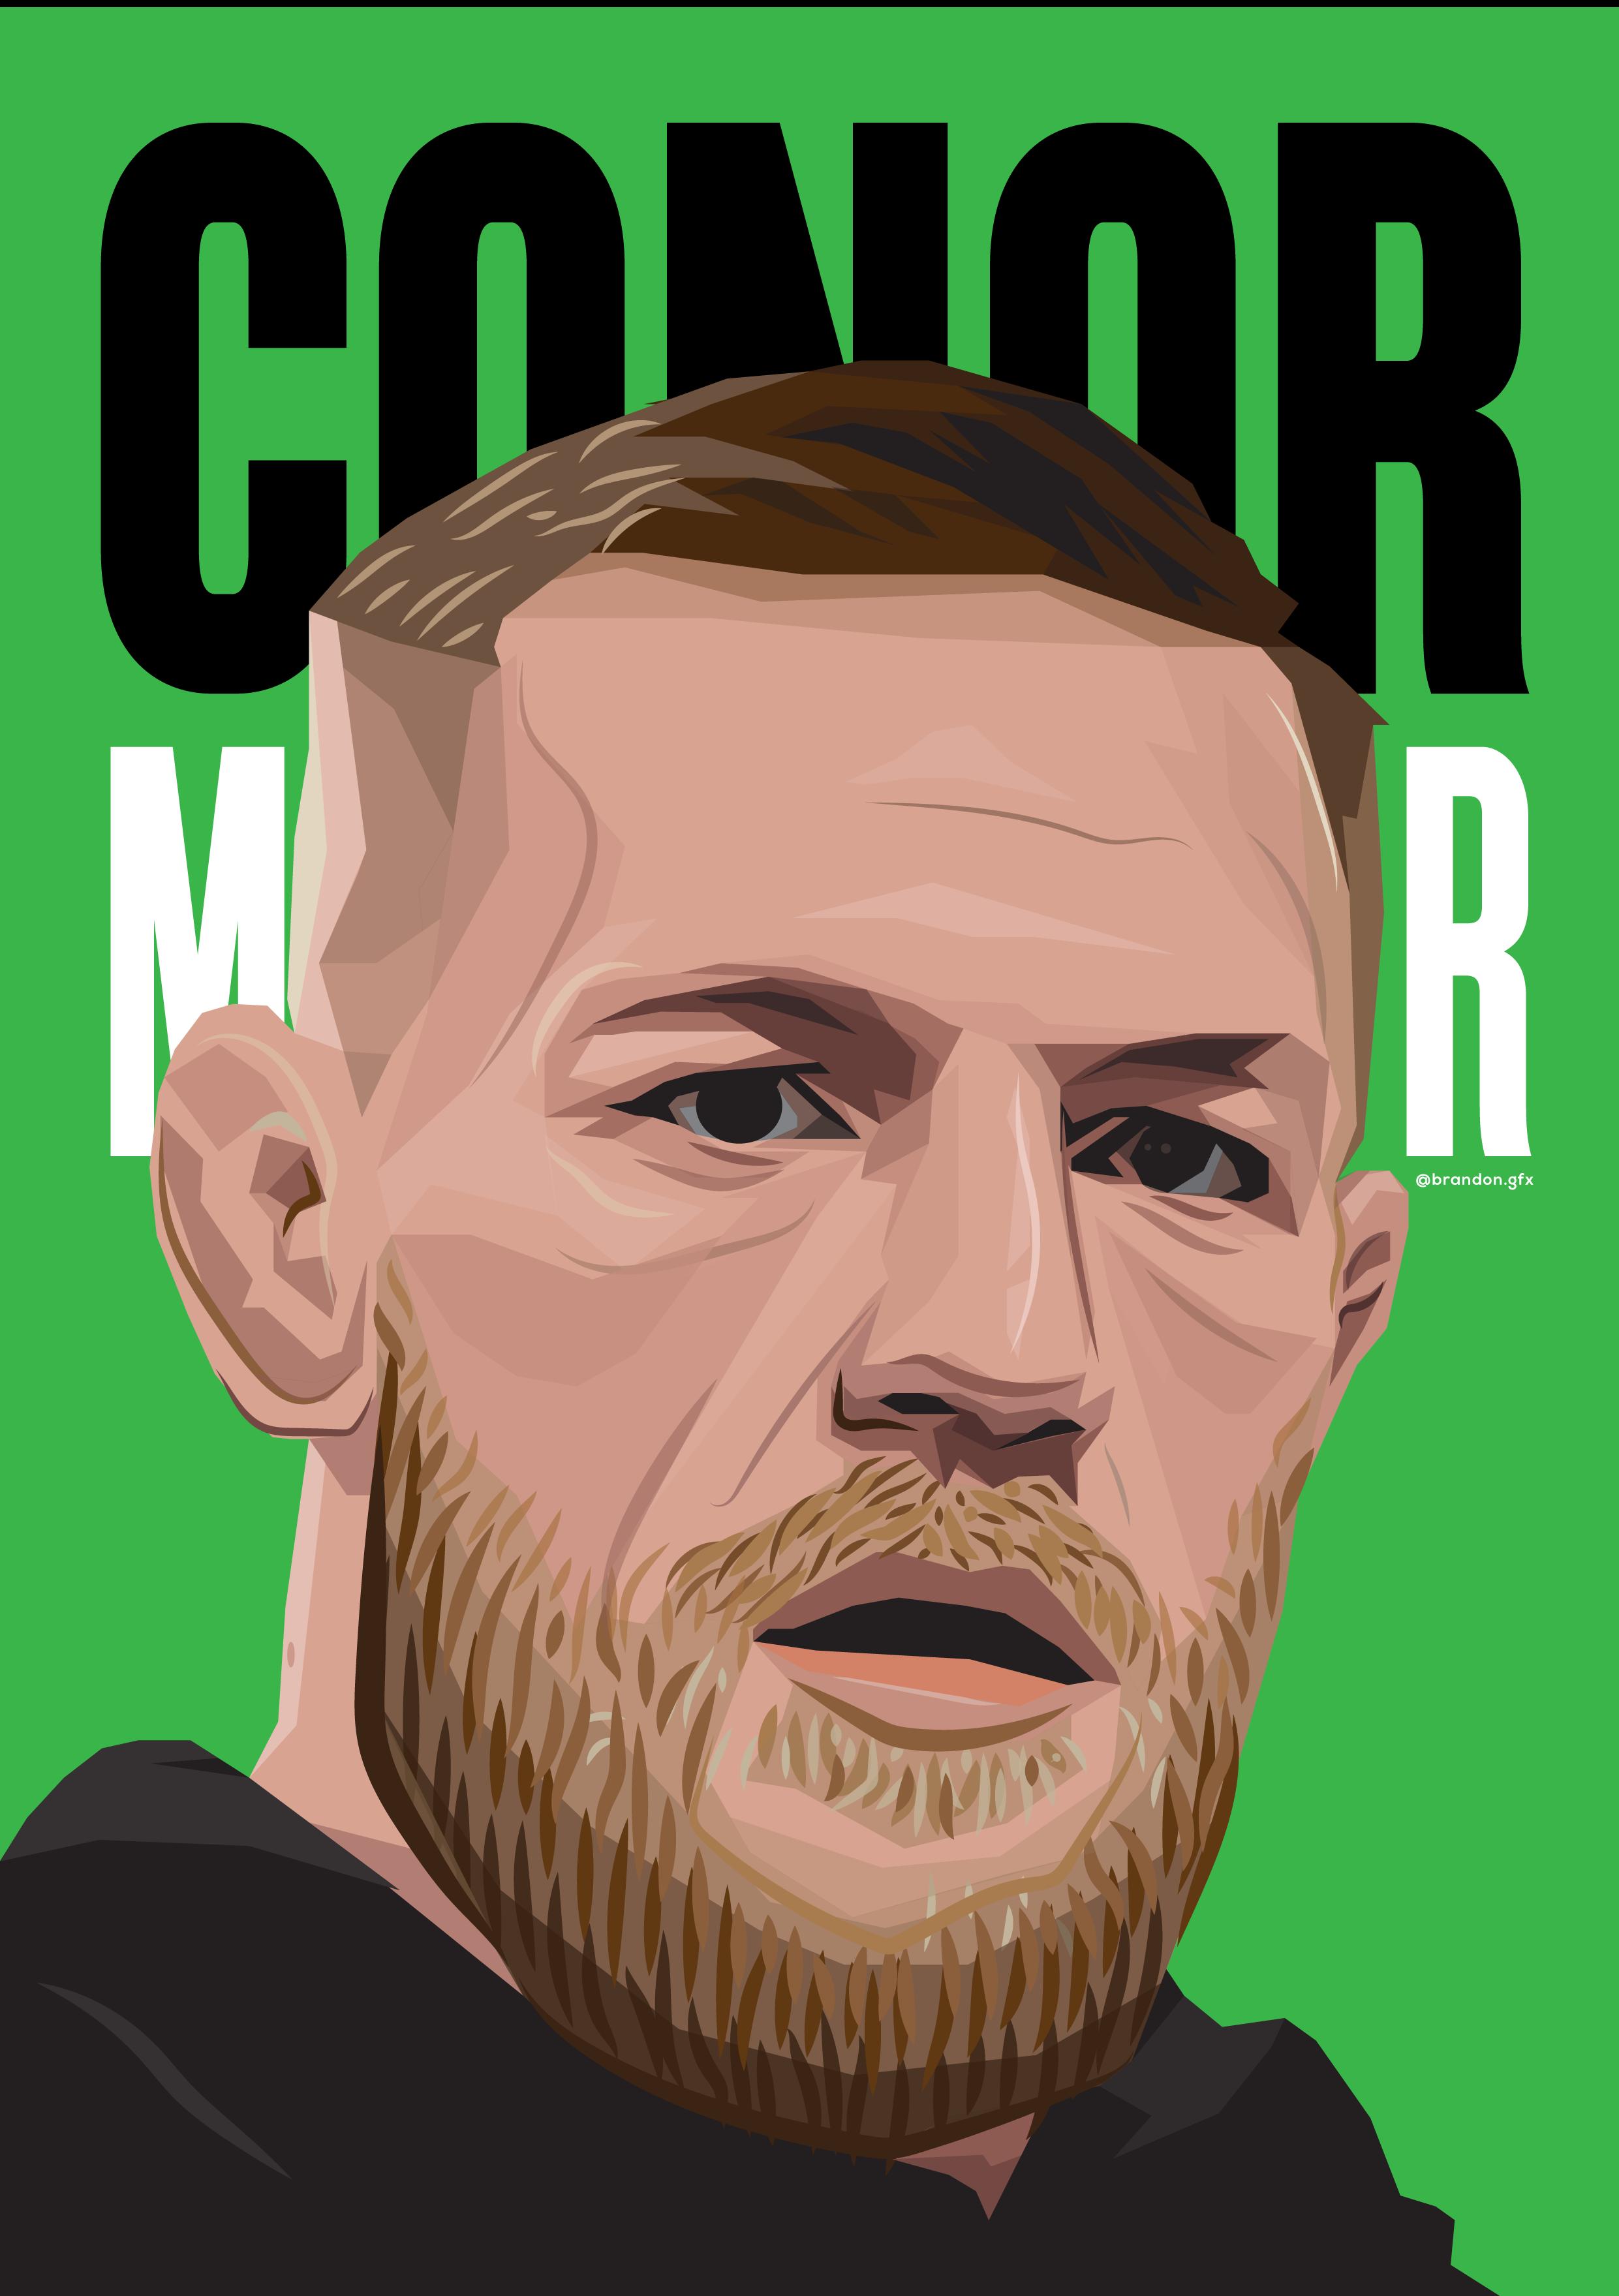 Conor McGregor Conor mcgregor, Notorious mcgregor